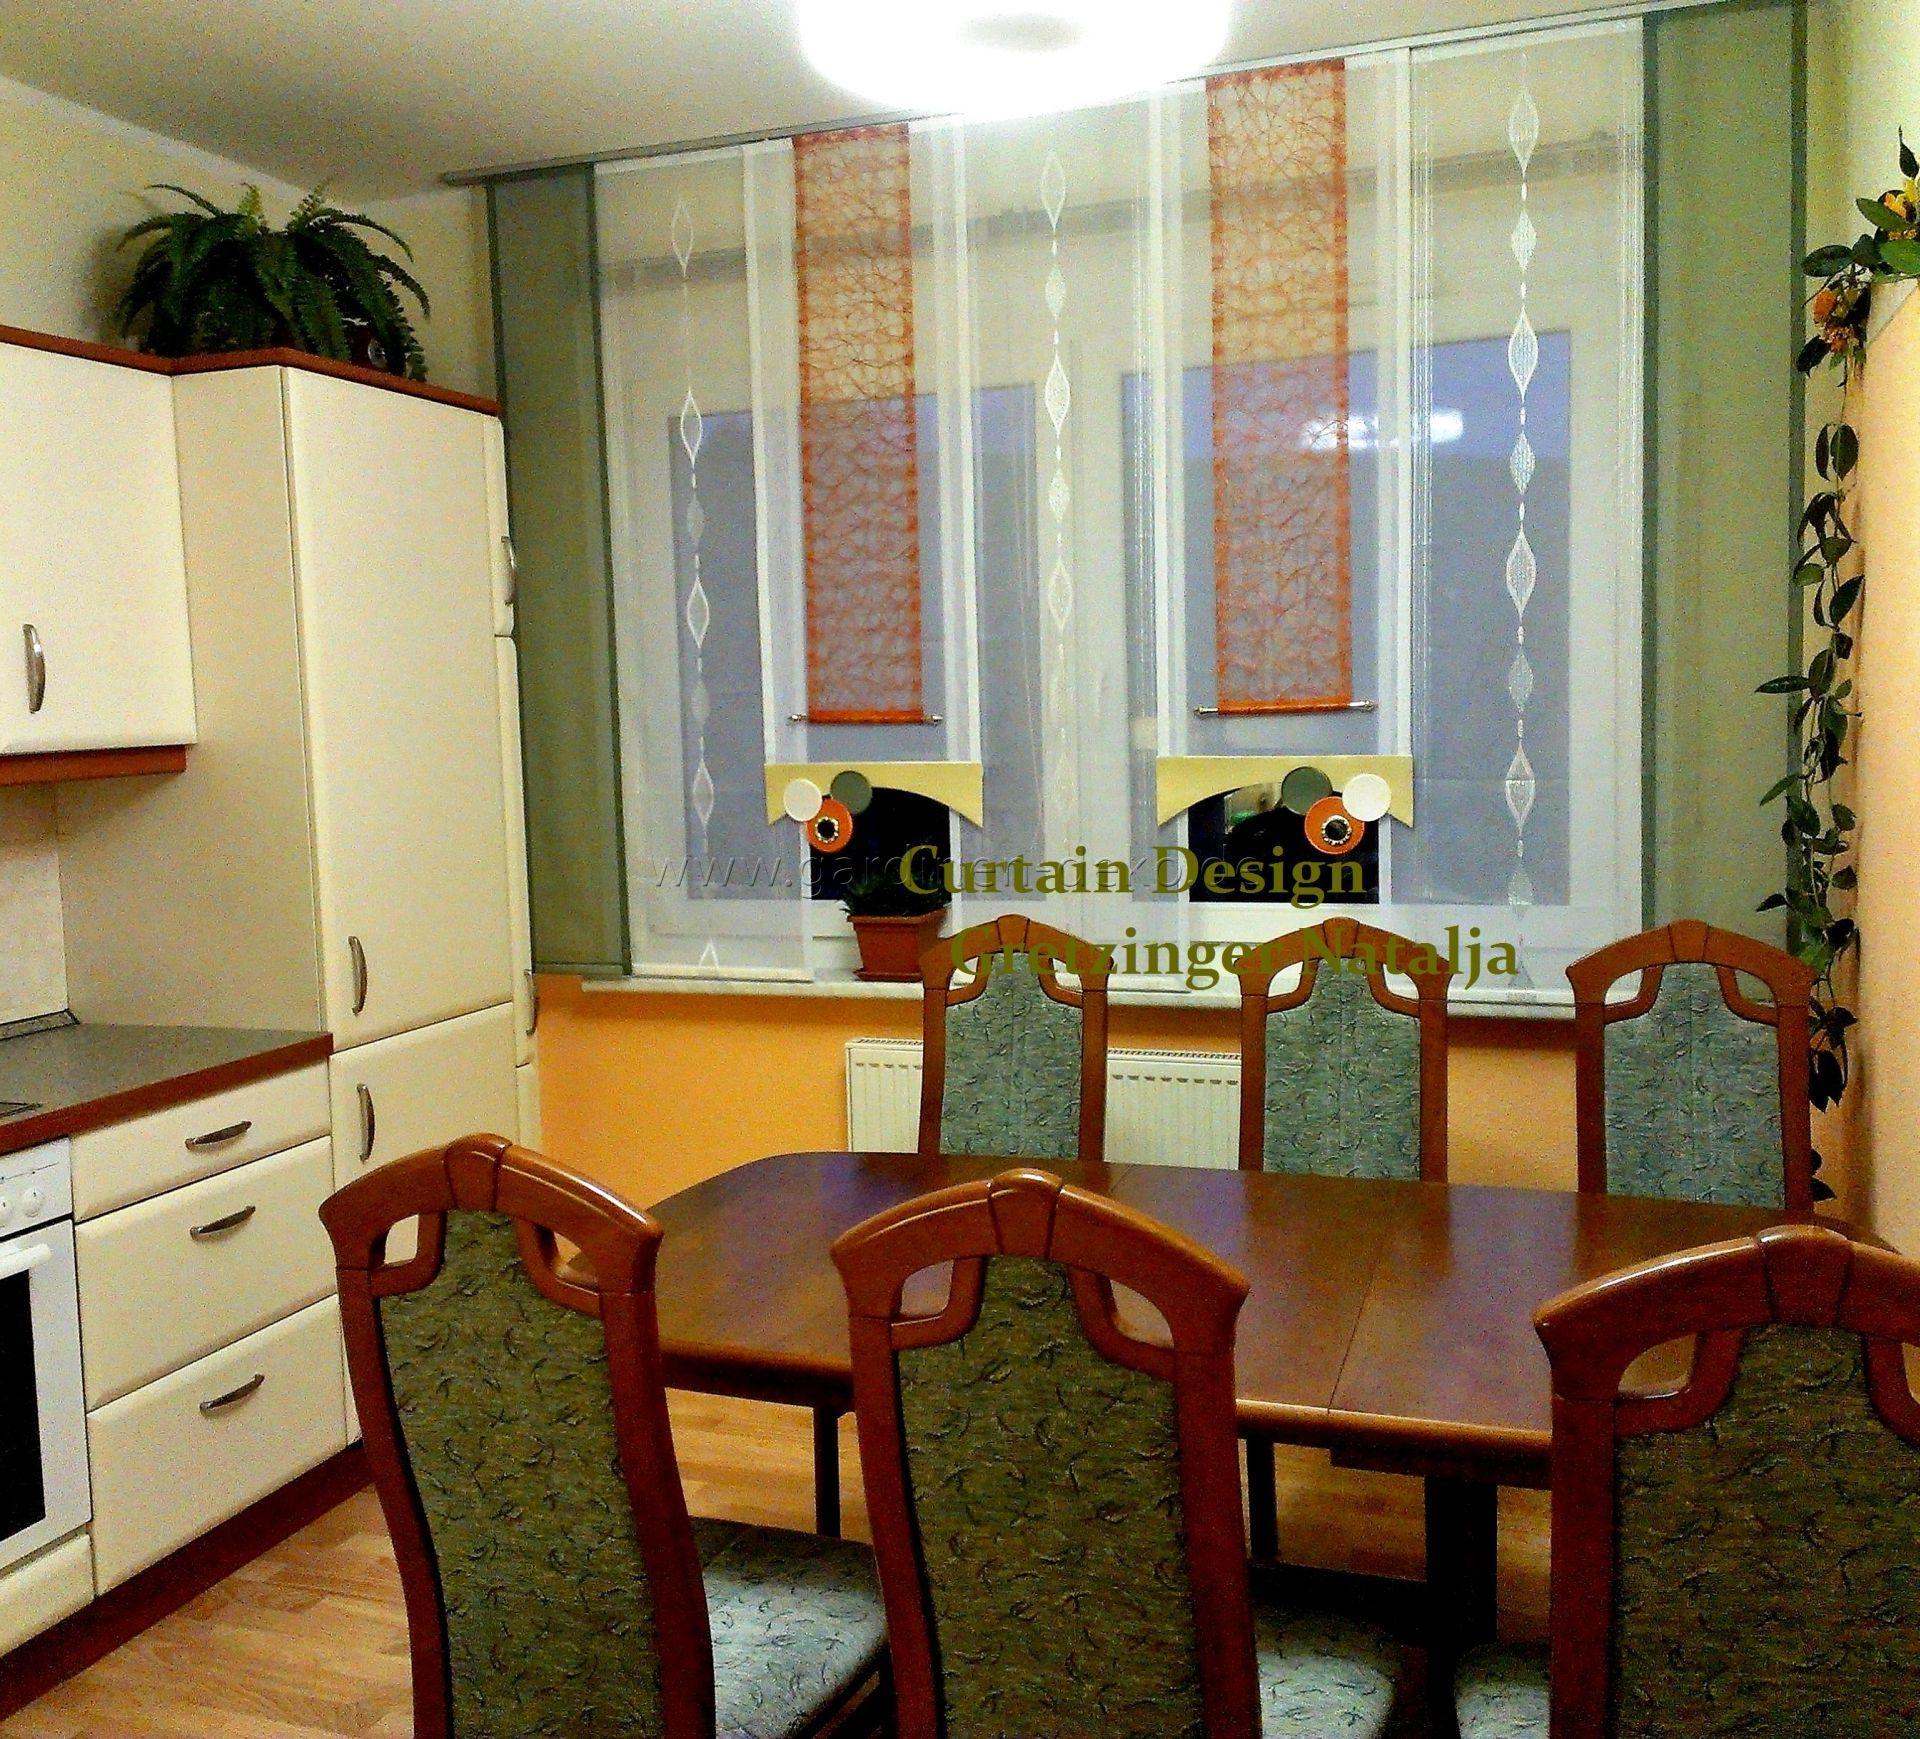 Schiebevorhang für die Küche, mit kreisförmigen Elementen und ...